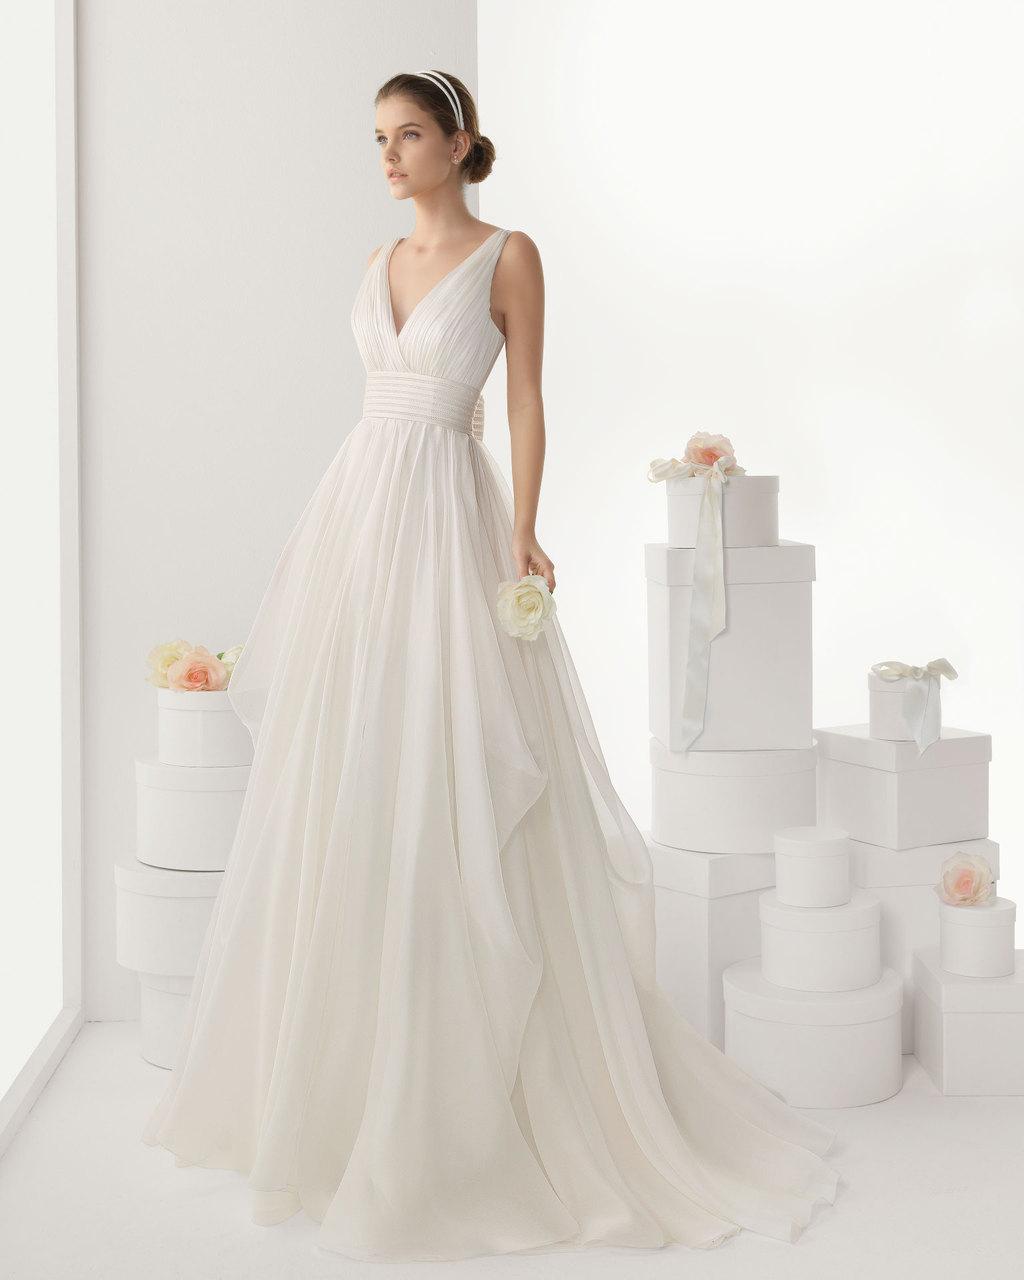 Rosa clara wedding dress 2014 bridal cantabria for Rosa clara wedding dresses 2014